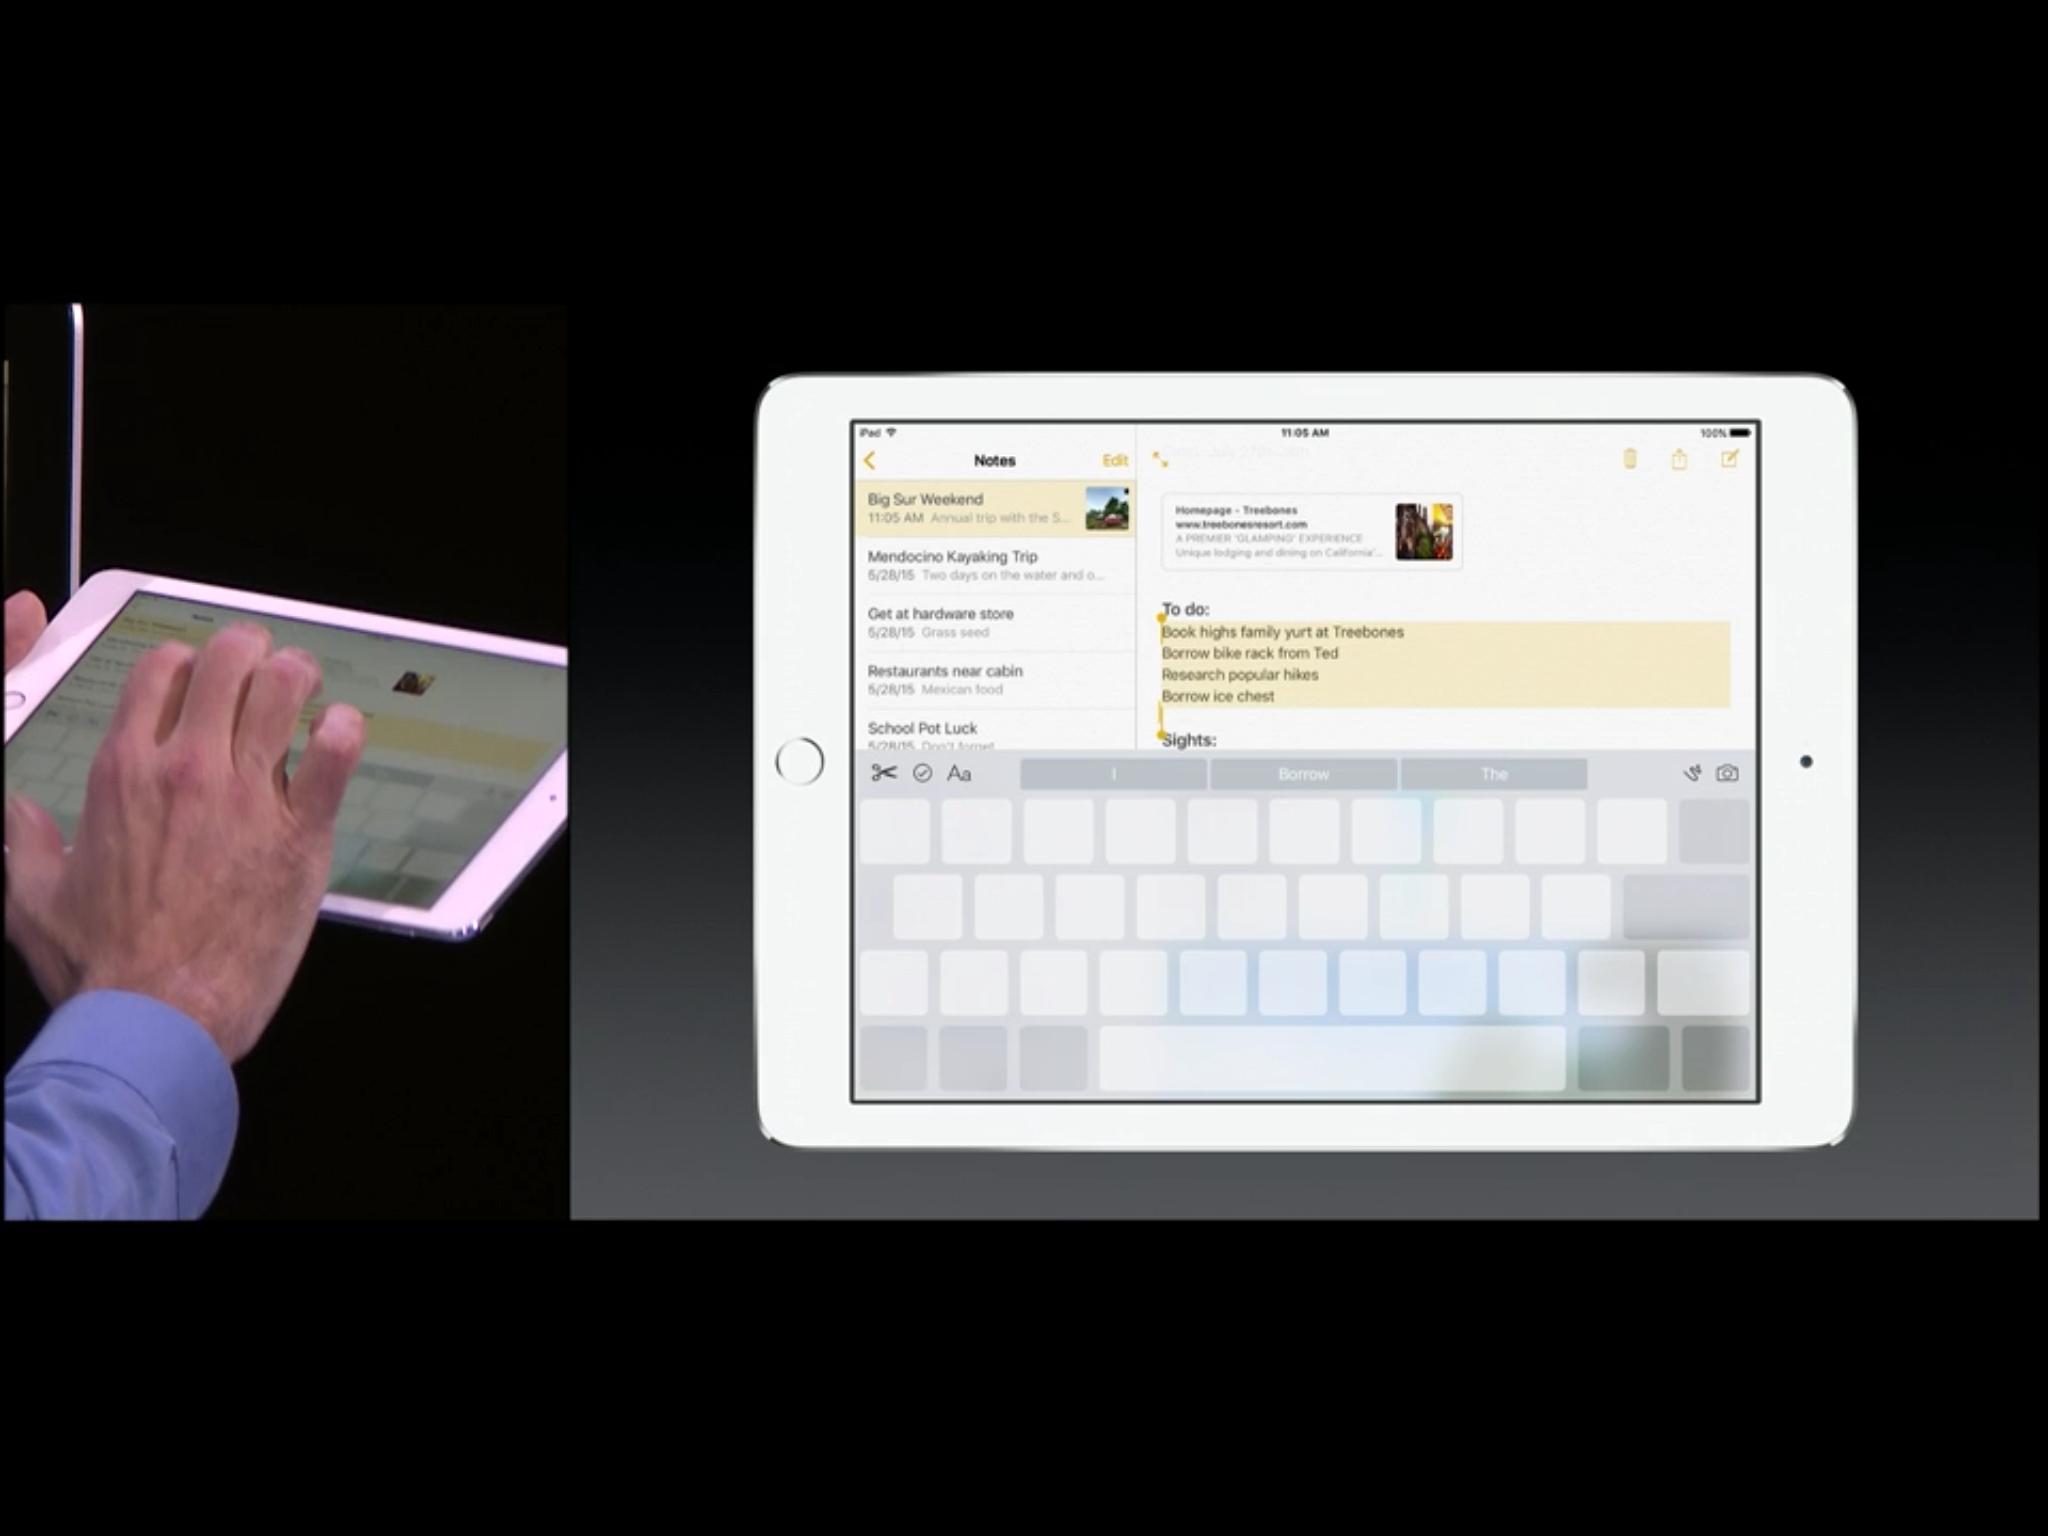 iOS 9 tricks